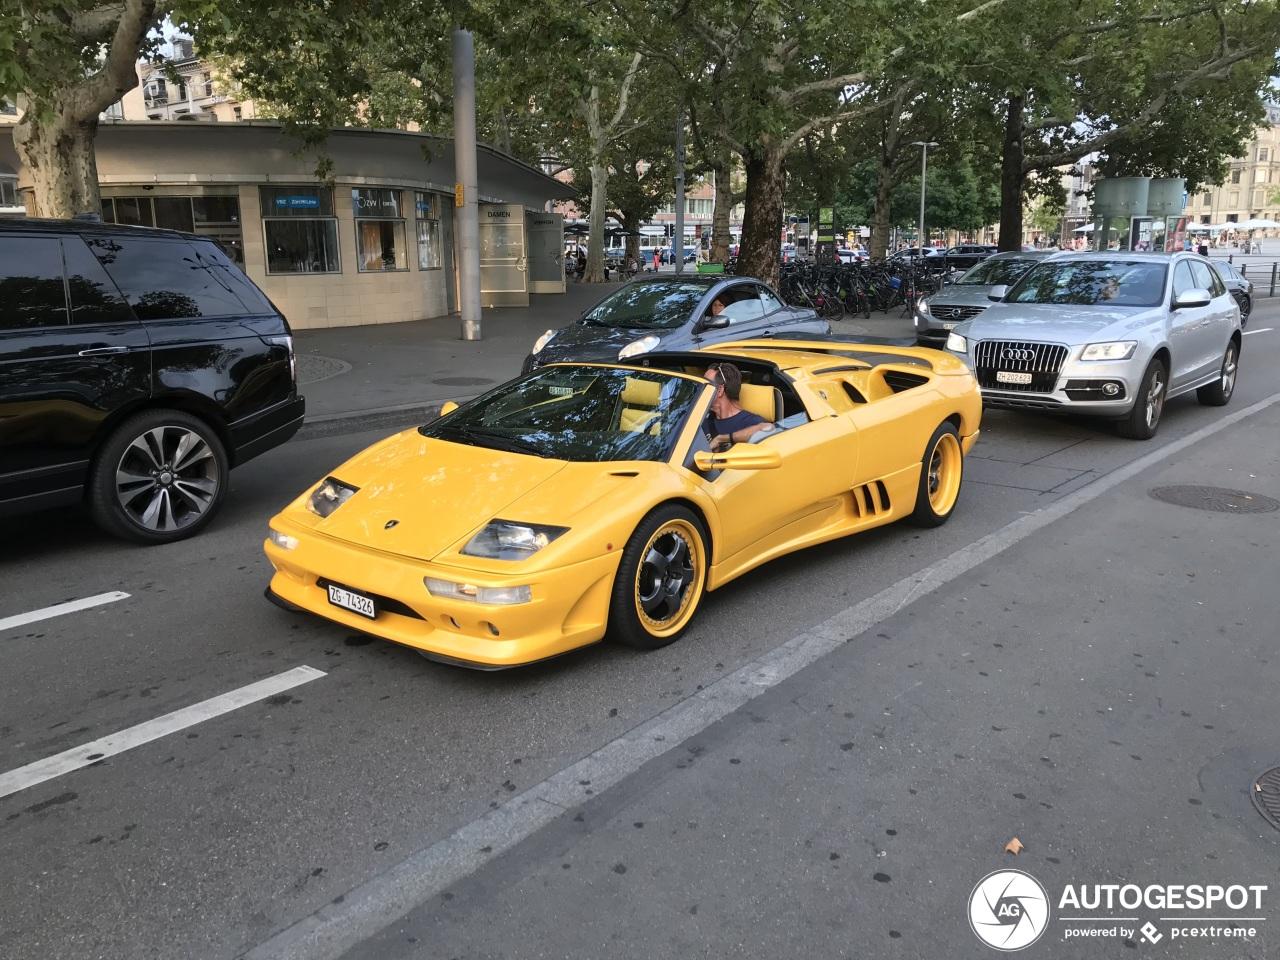 Gele Lamborghini Diablo VT Roadster trekt de aandacht